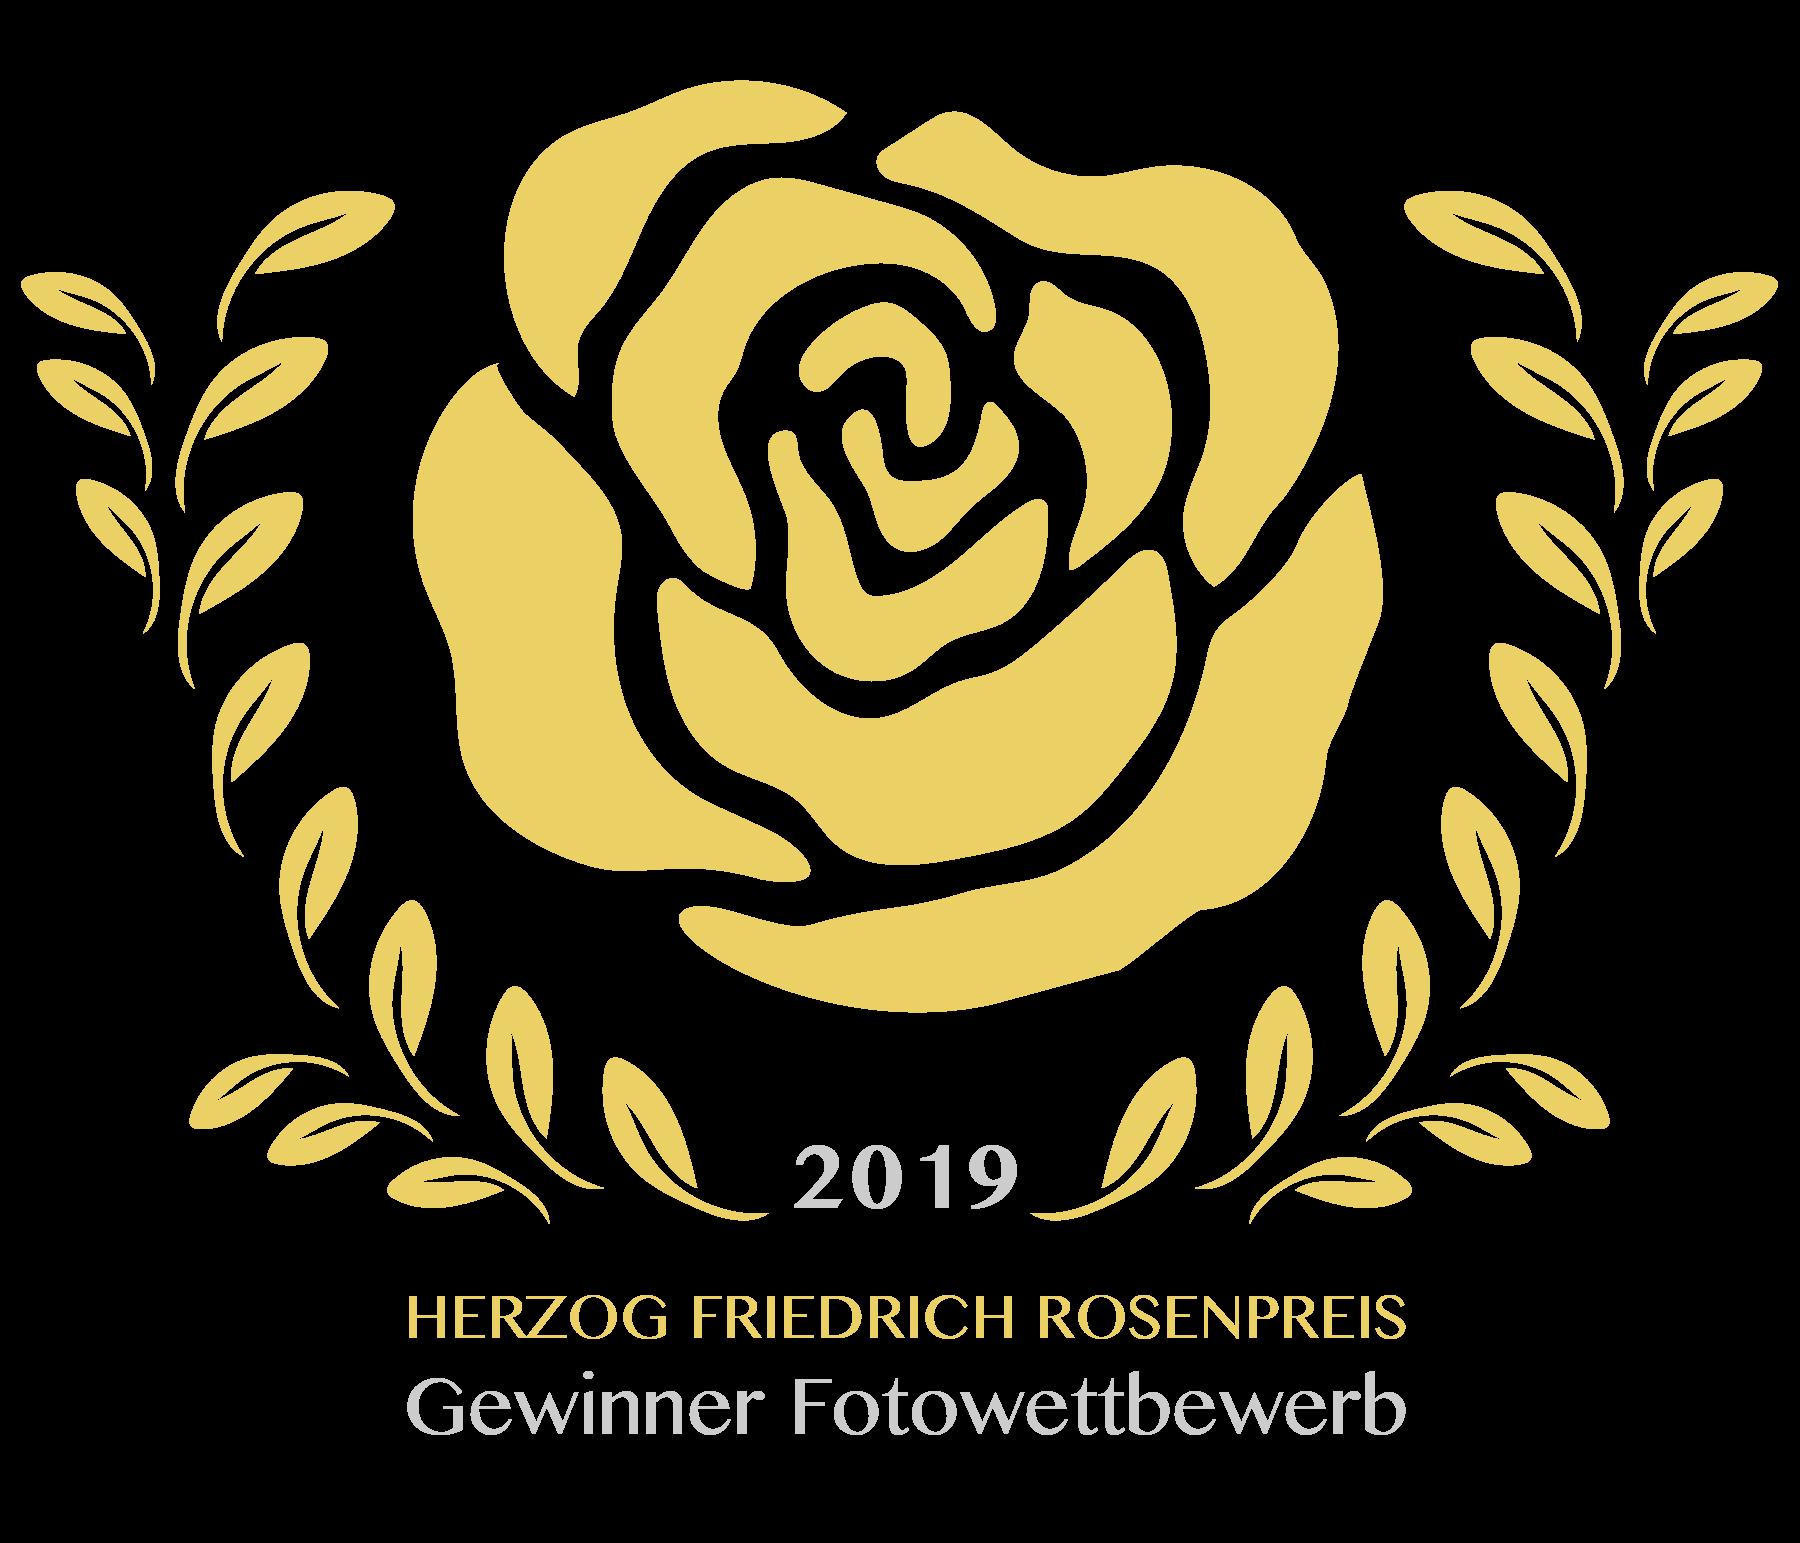 Herzog Friedrich Rosenpreis Friedrichstadt